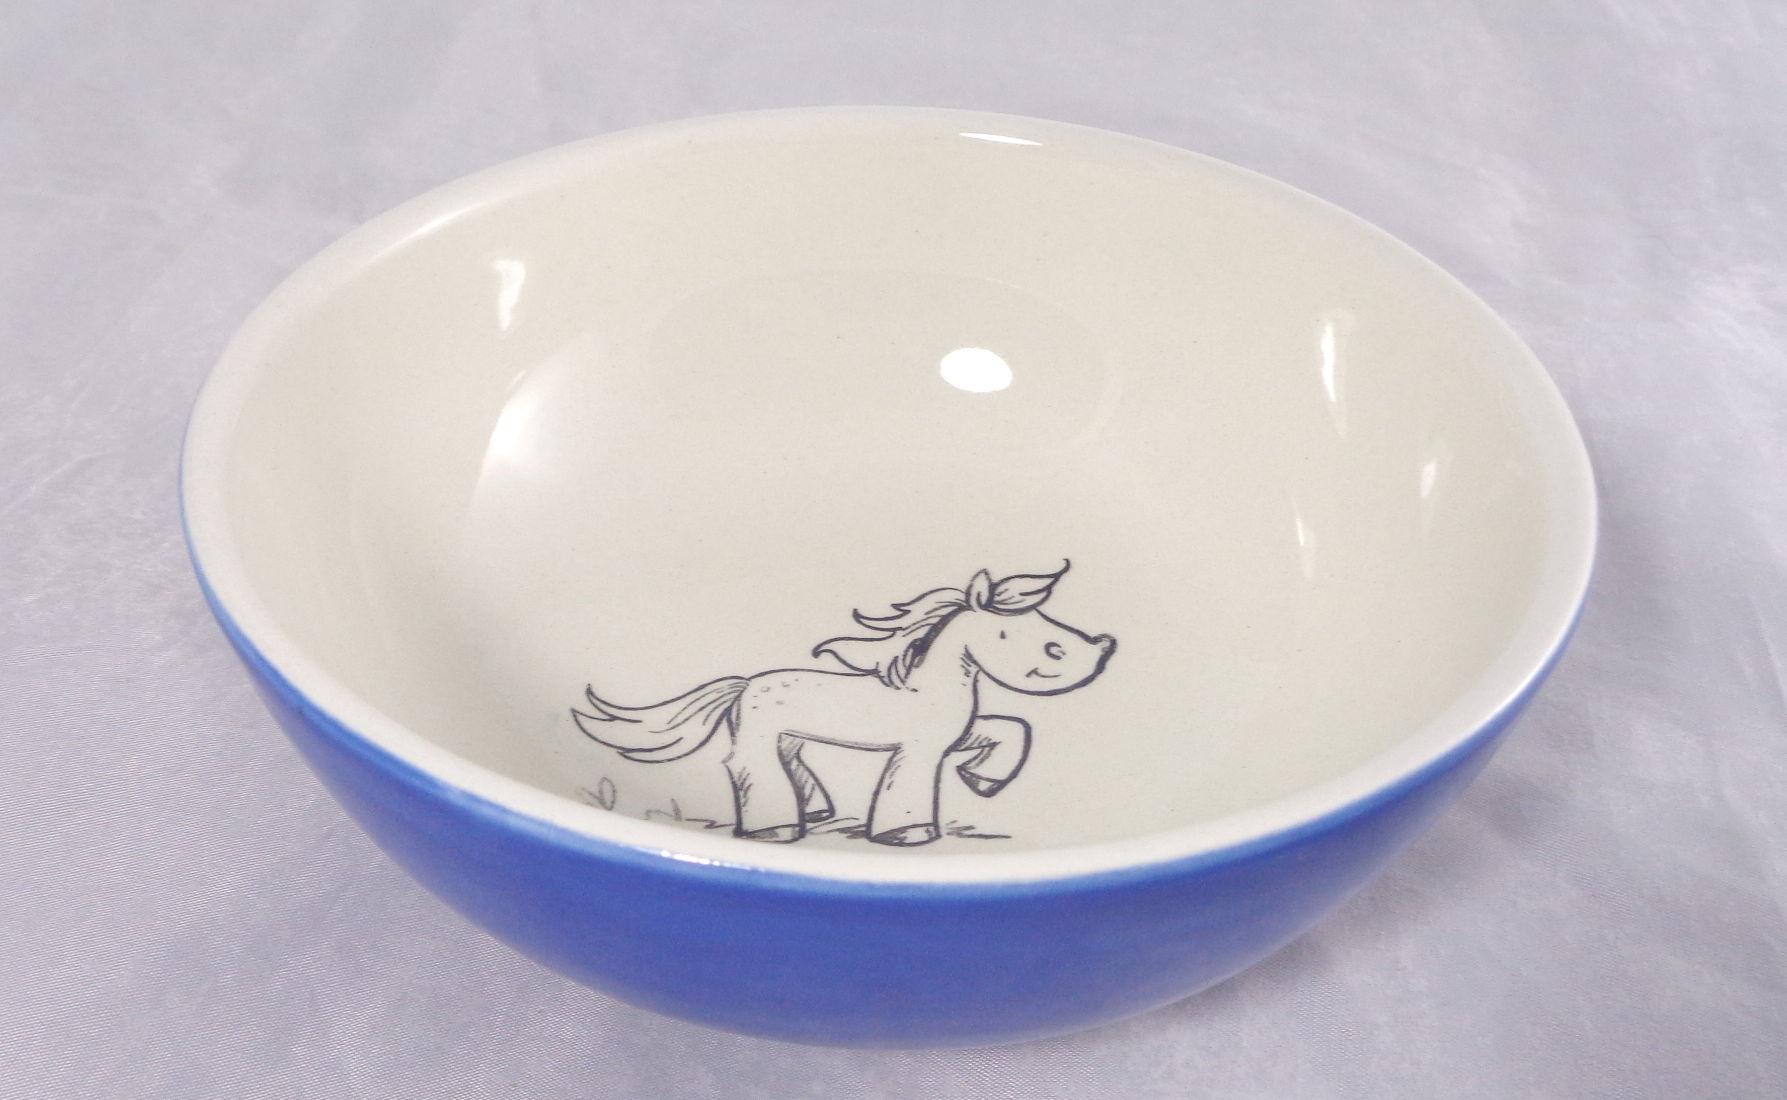 Bemalte Keramik Pferde-Müslischale Blau